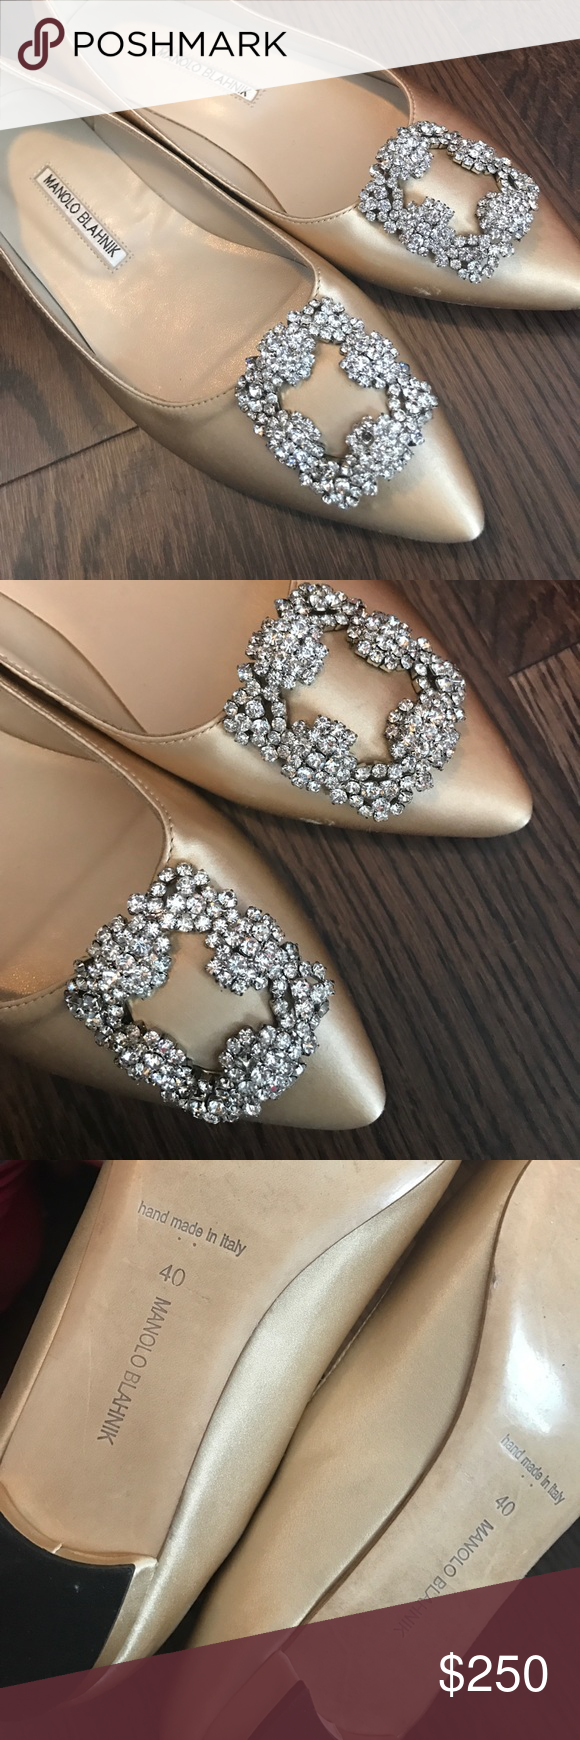 Manolo Blahnik Flats Like new Shoes Flats & Loafers